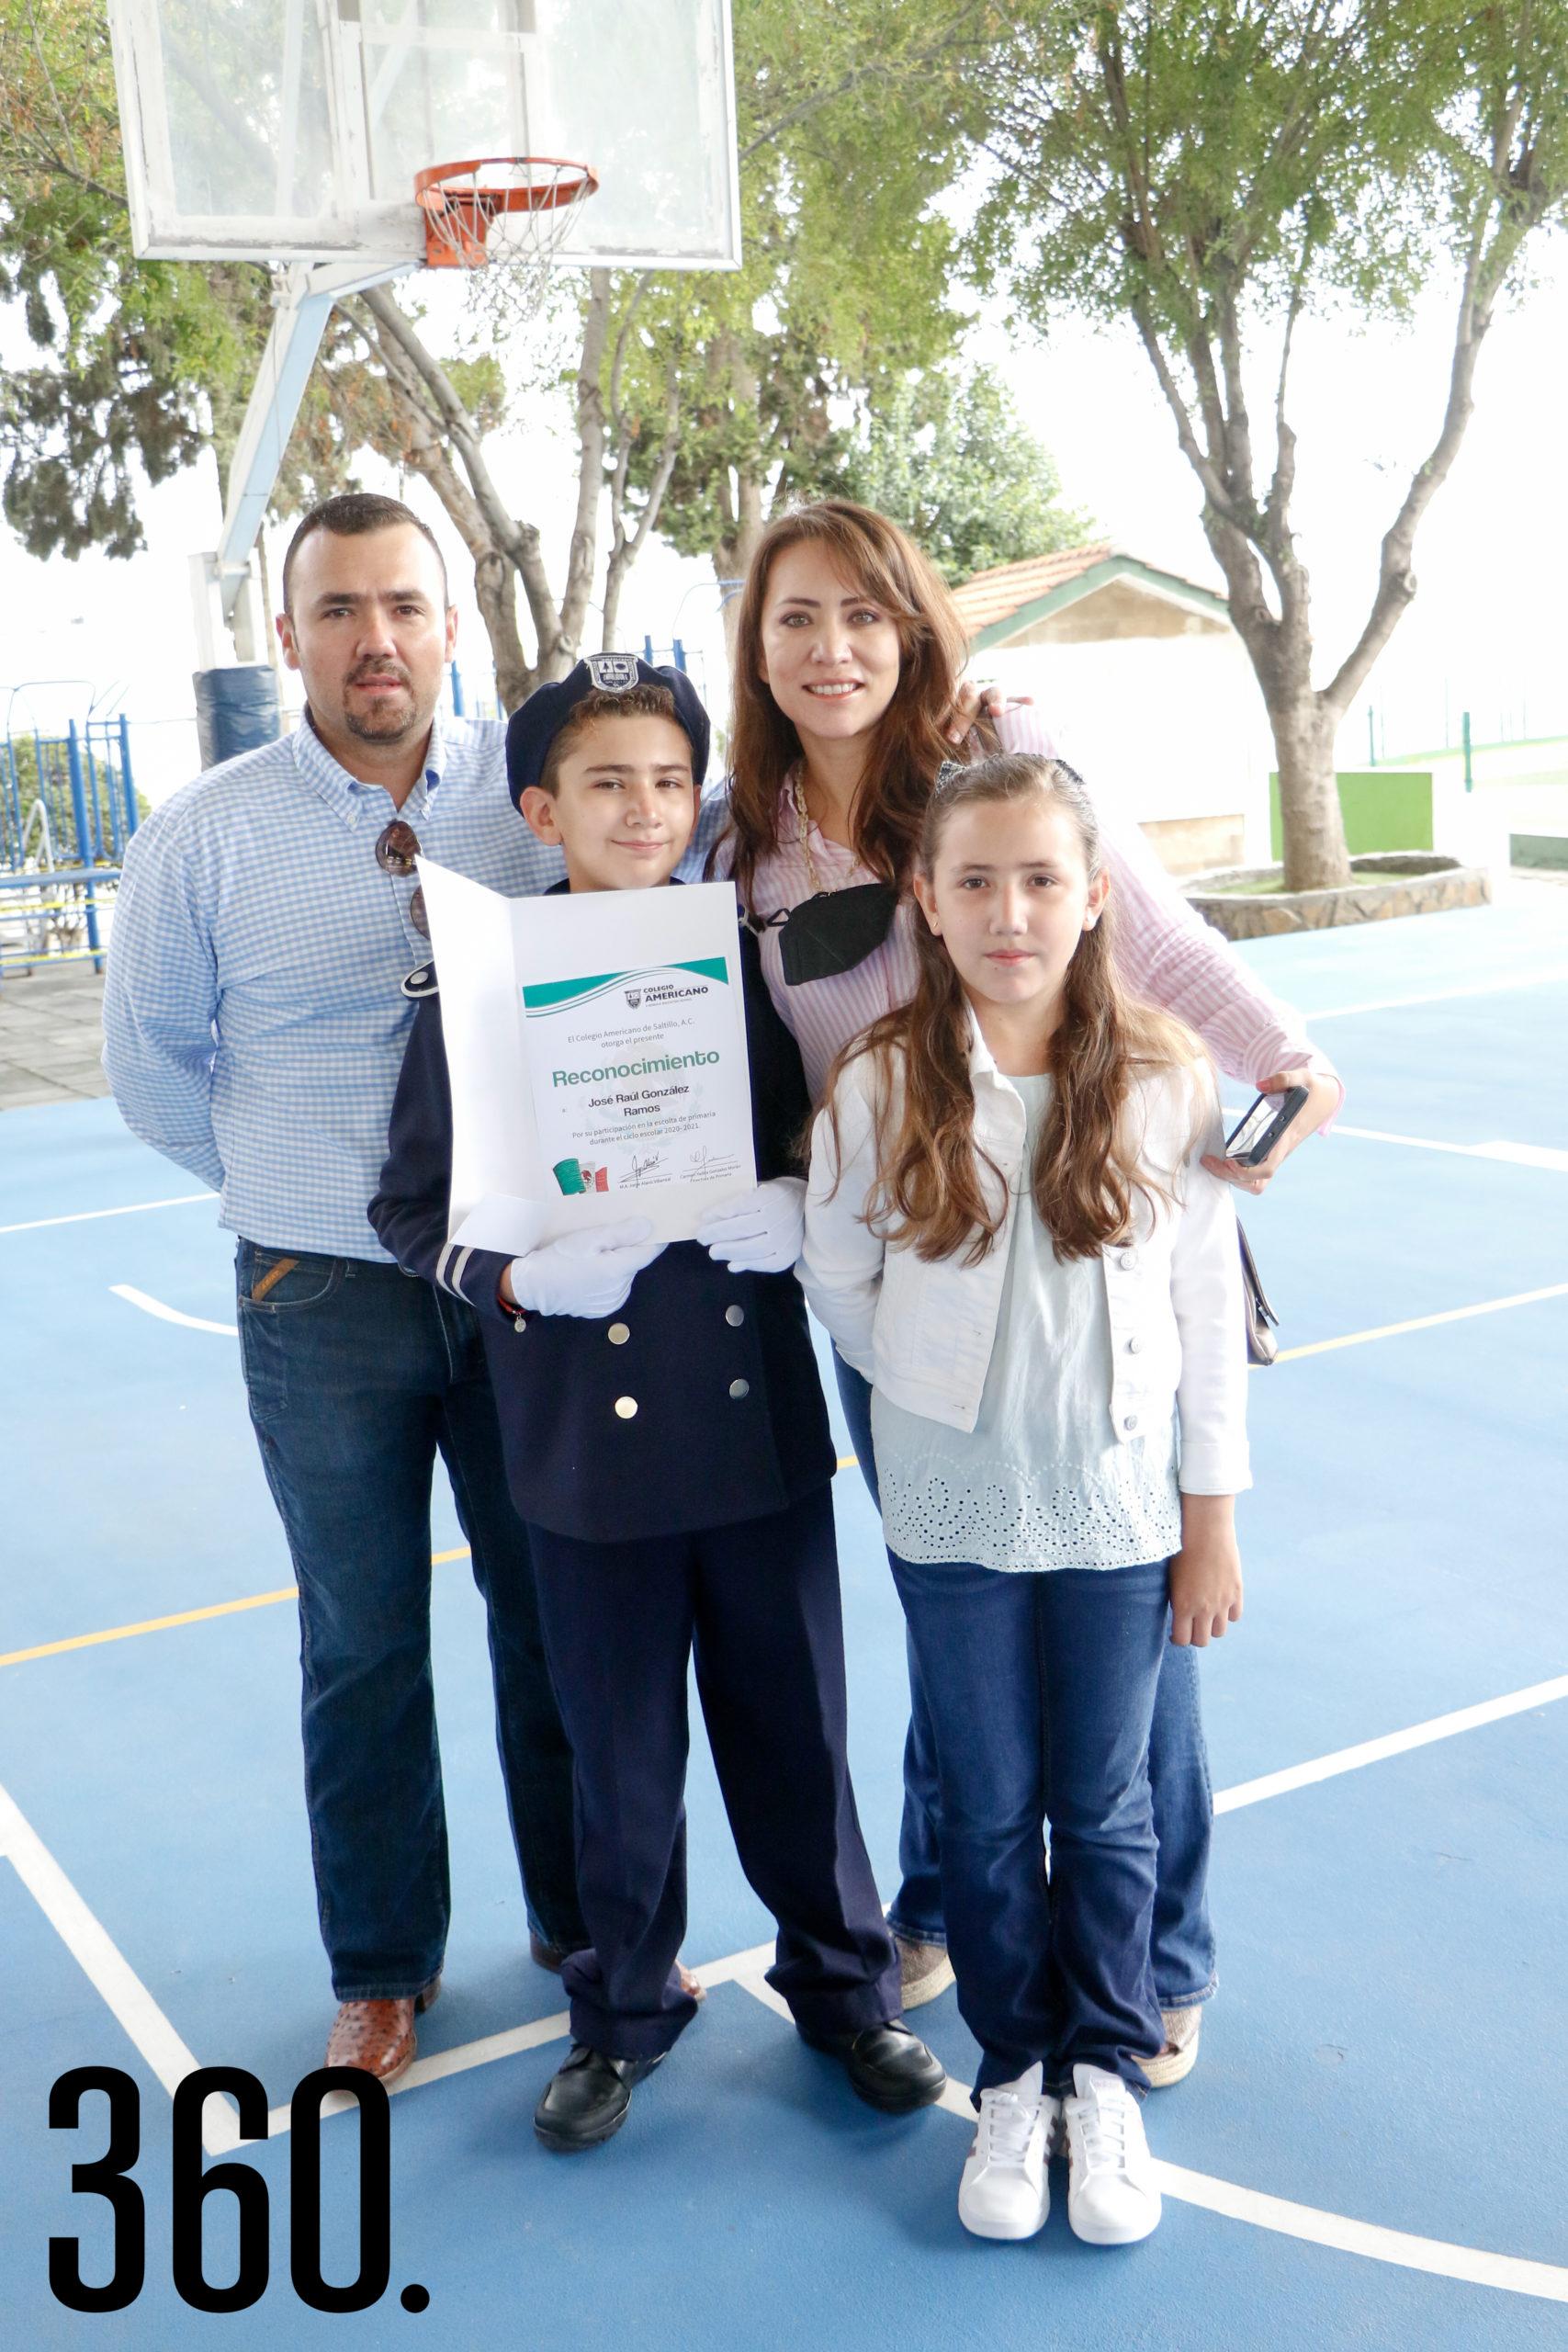 Raúl González, José Raúl González, Ingrid Ramos y Jaqui González.